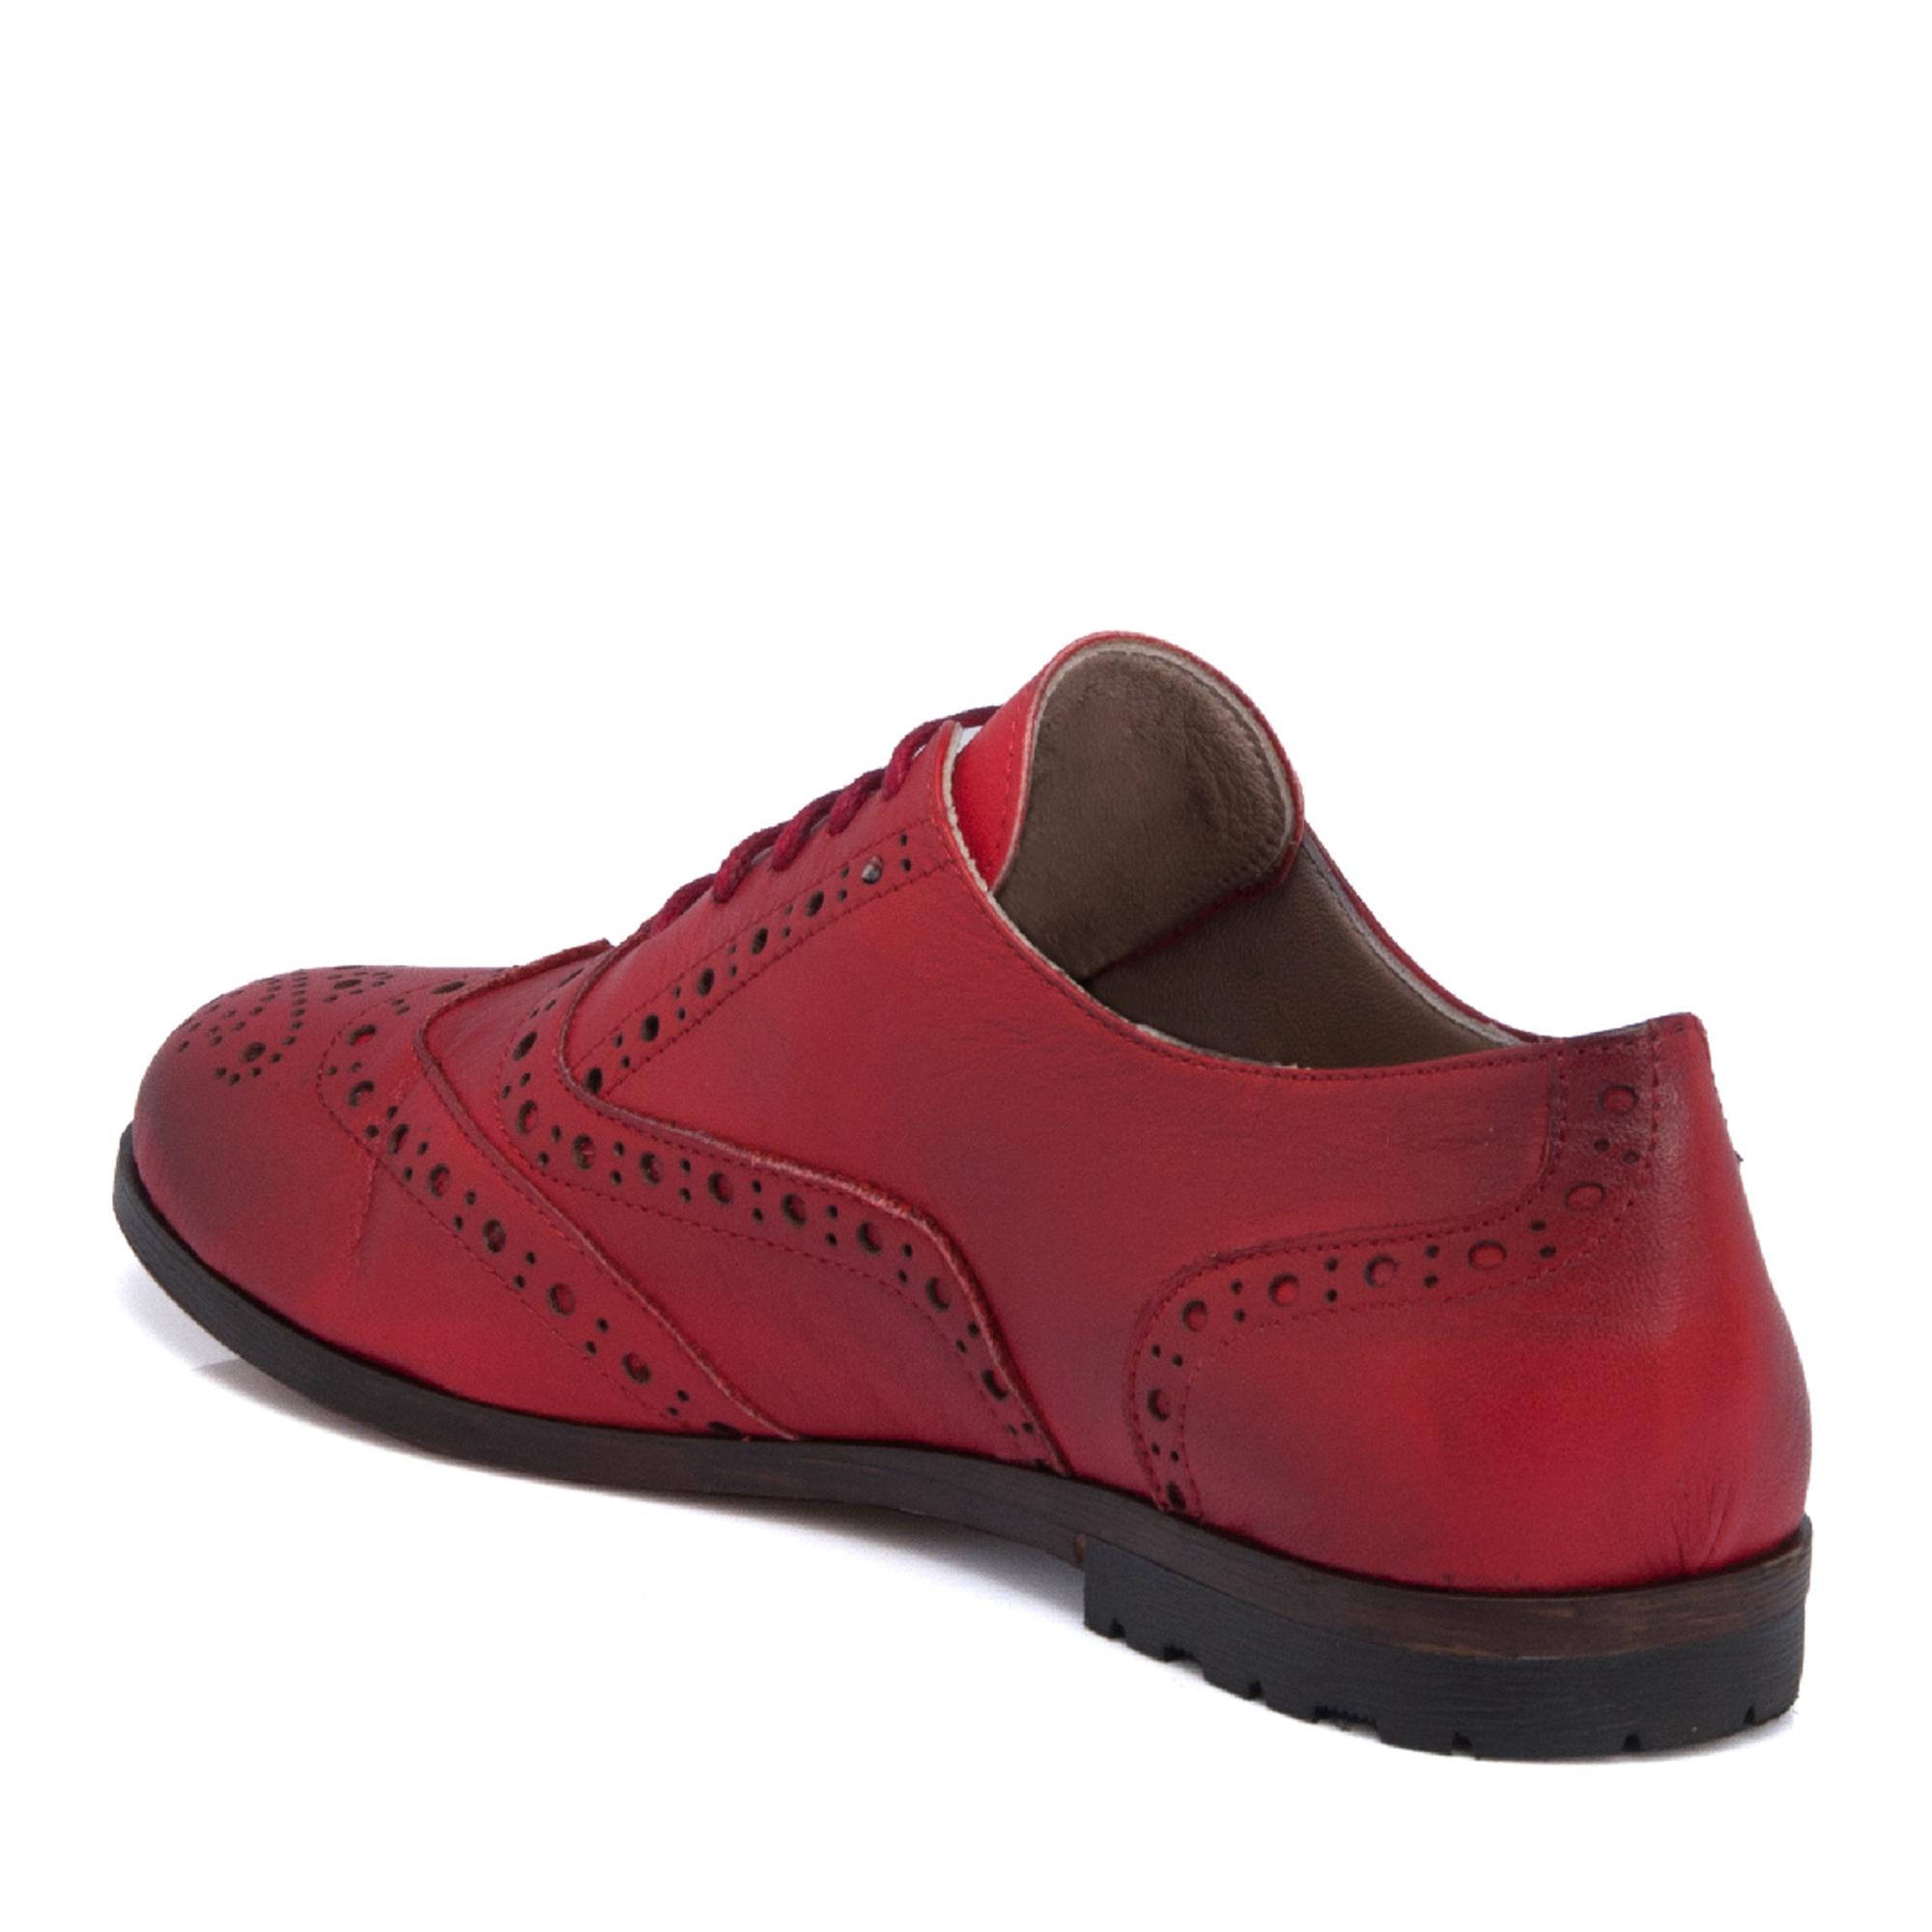 Kırmızı Deri Kadın Ayakkabı 64373A30